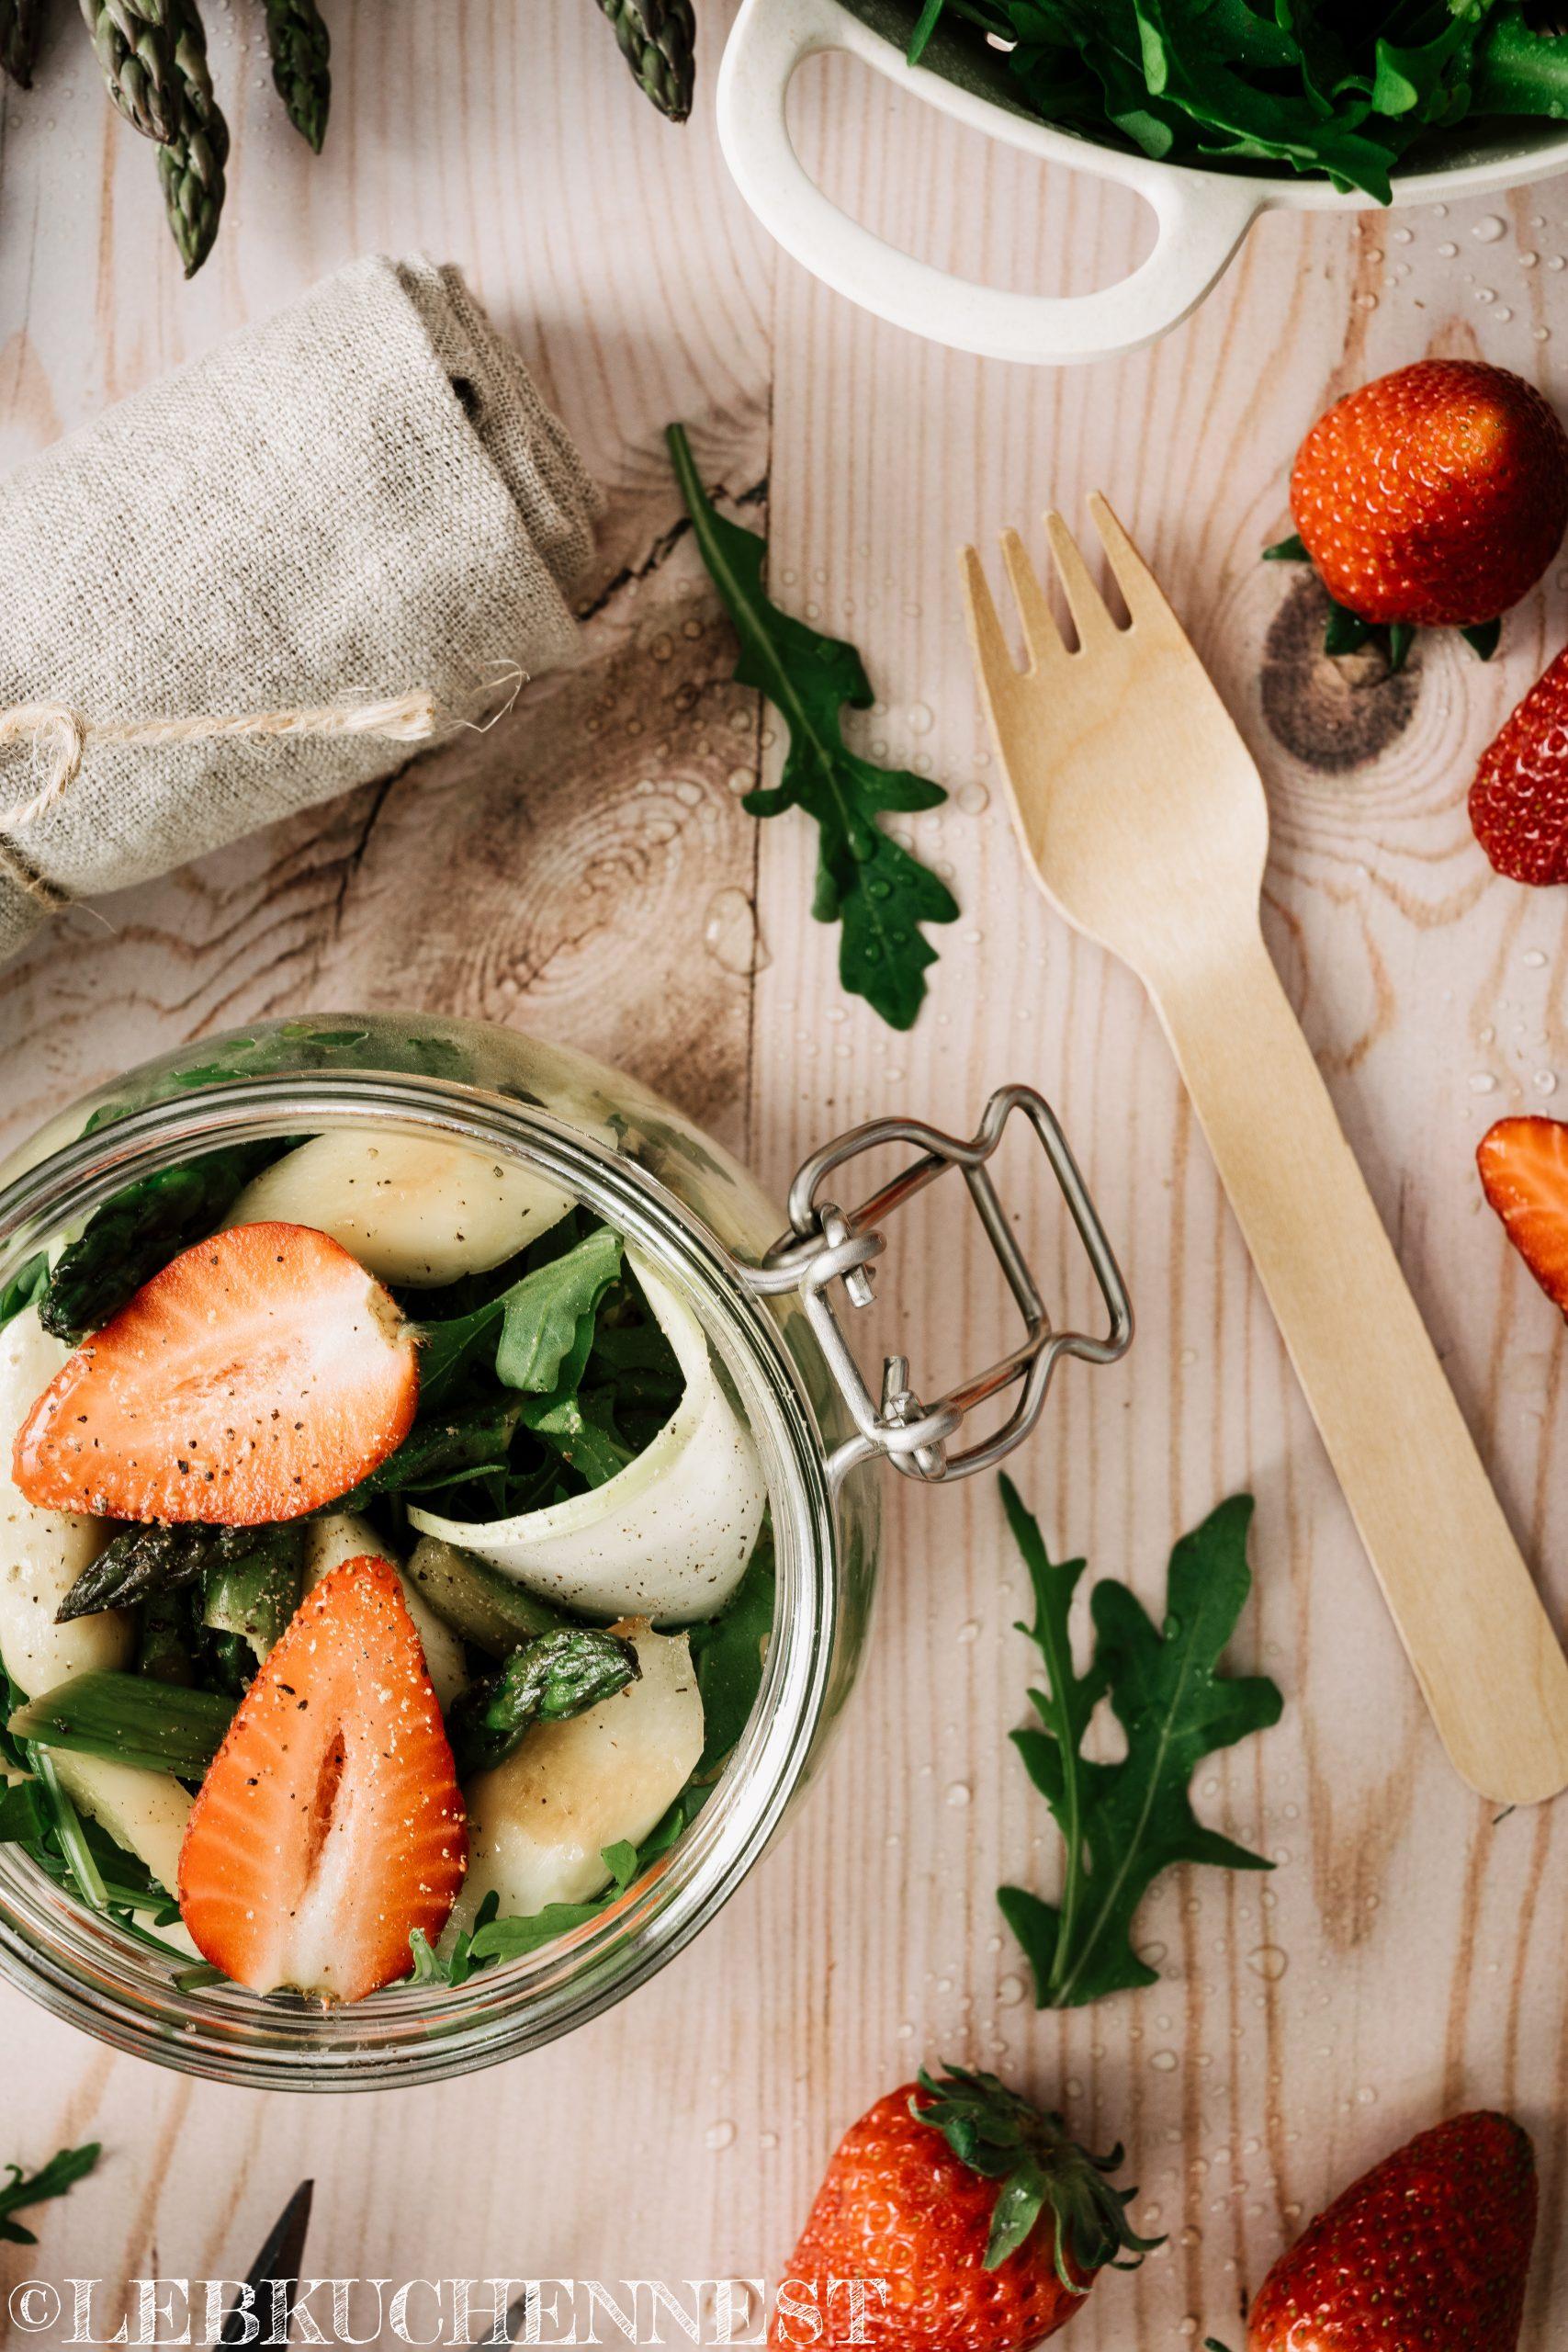 Hirsesalat für unterwegs mit Spargel, Kohlrabi, Erdbeeren - Detail